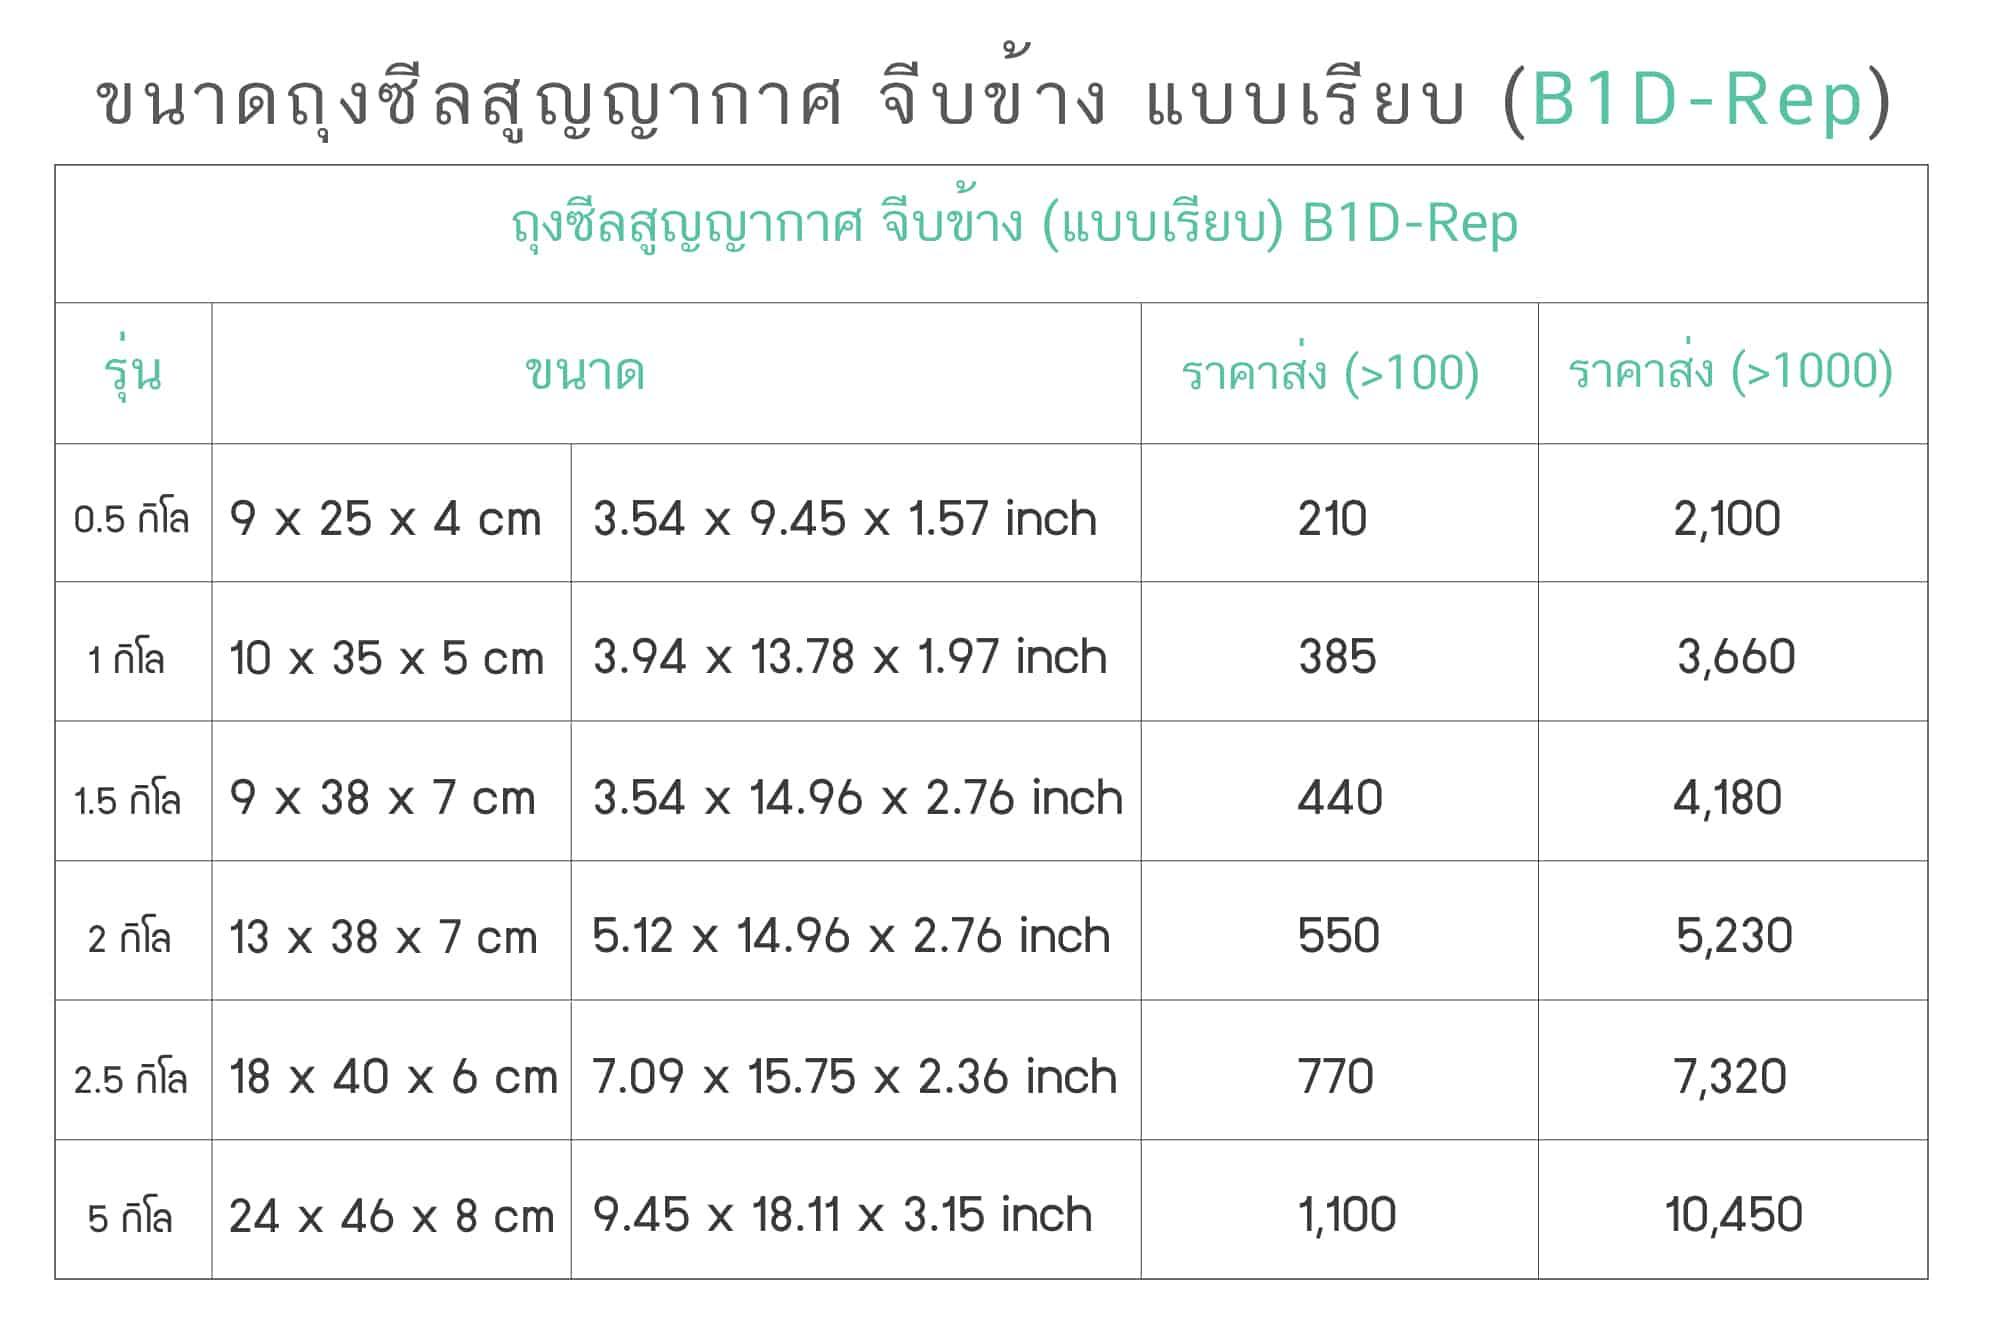 ถุงซีลสุญญากาศ-ถุงเรียบ-B1D-rep-ตารางราคา